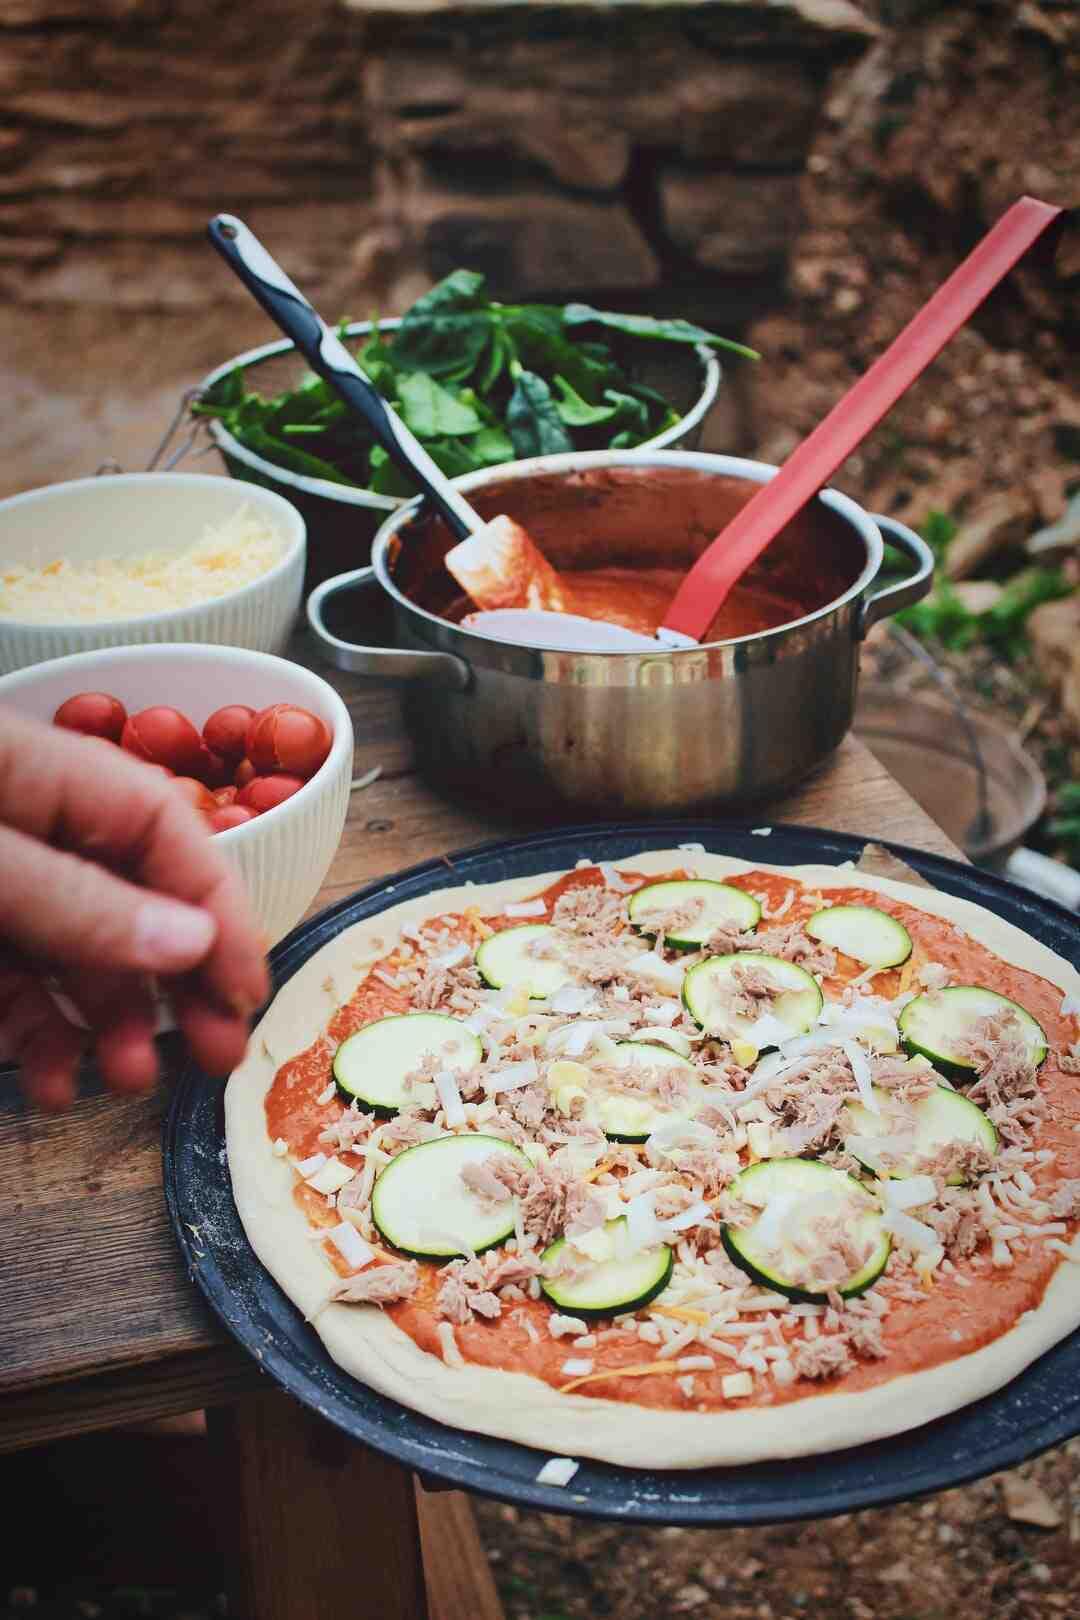 Comment préparer une pizza à la maison sans utiliser un four